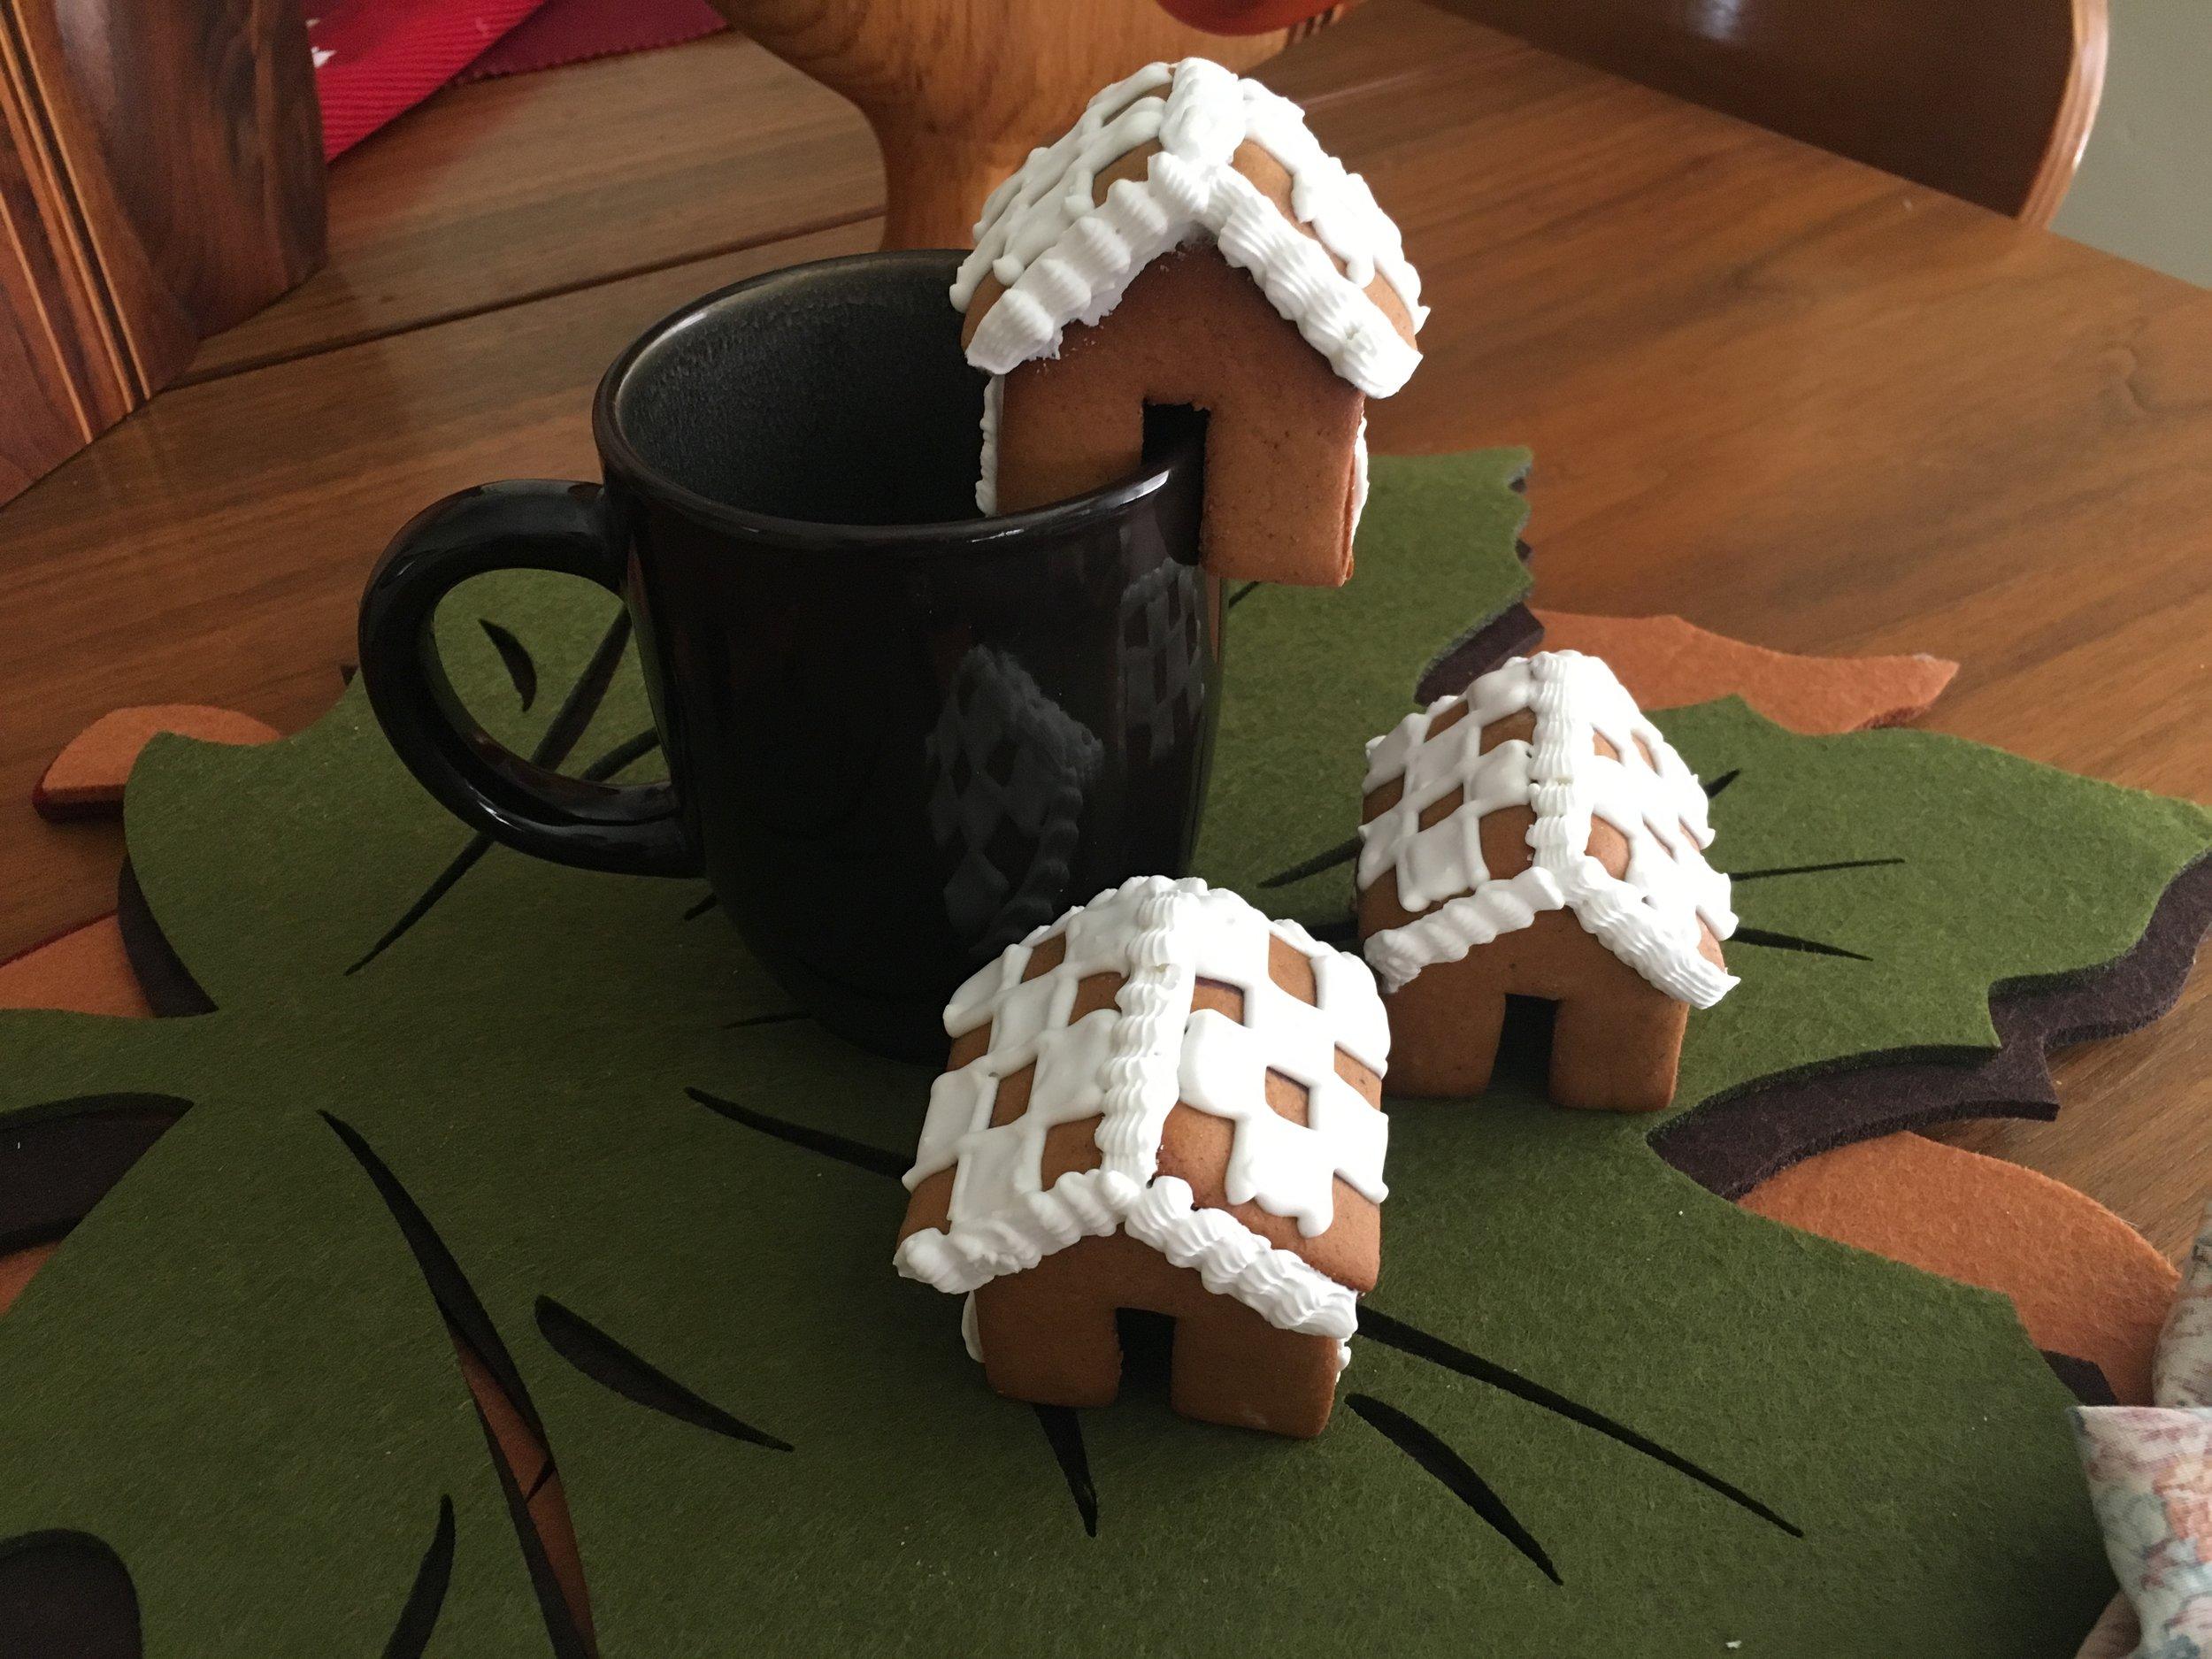 House on a mug